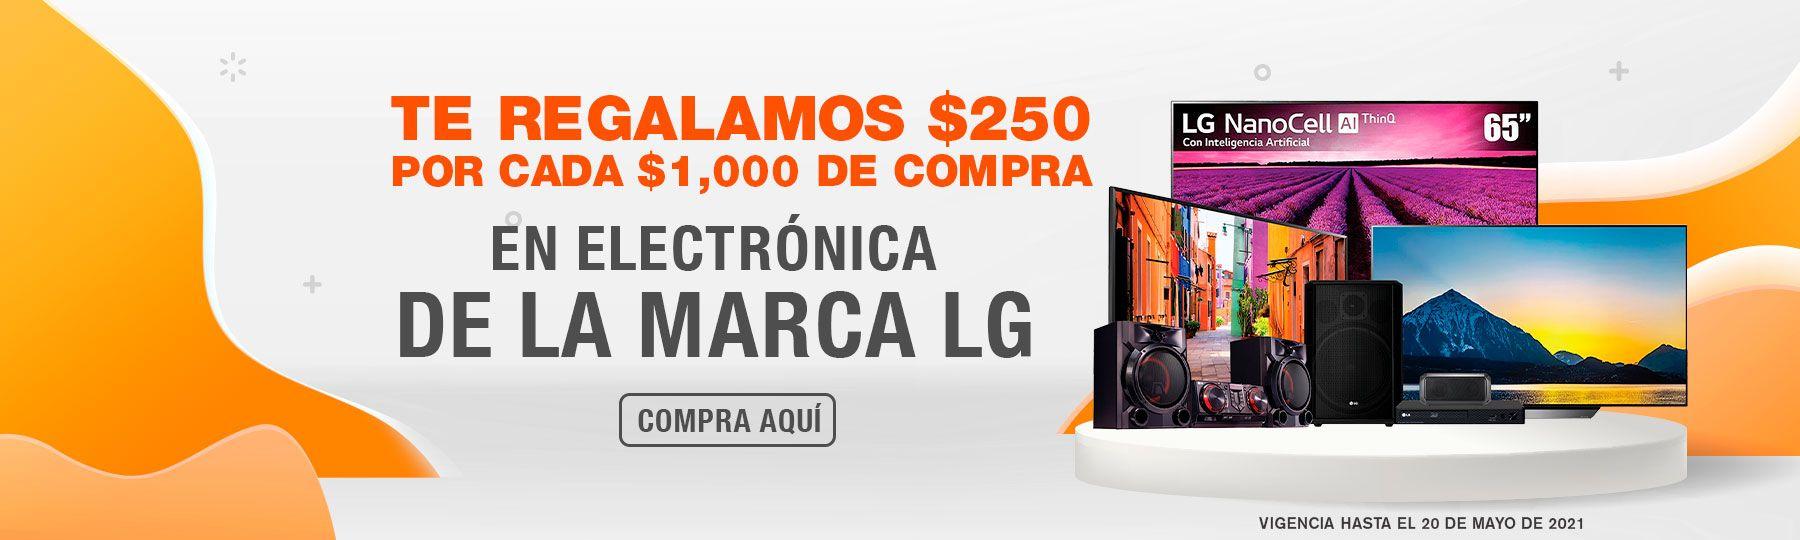 La Comer: $250 de descuento por cada $1,000 de compra en electrónica LG